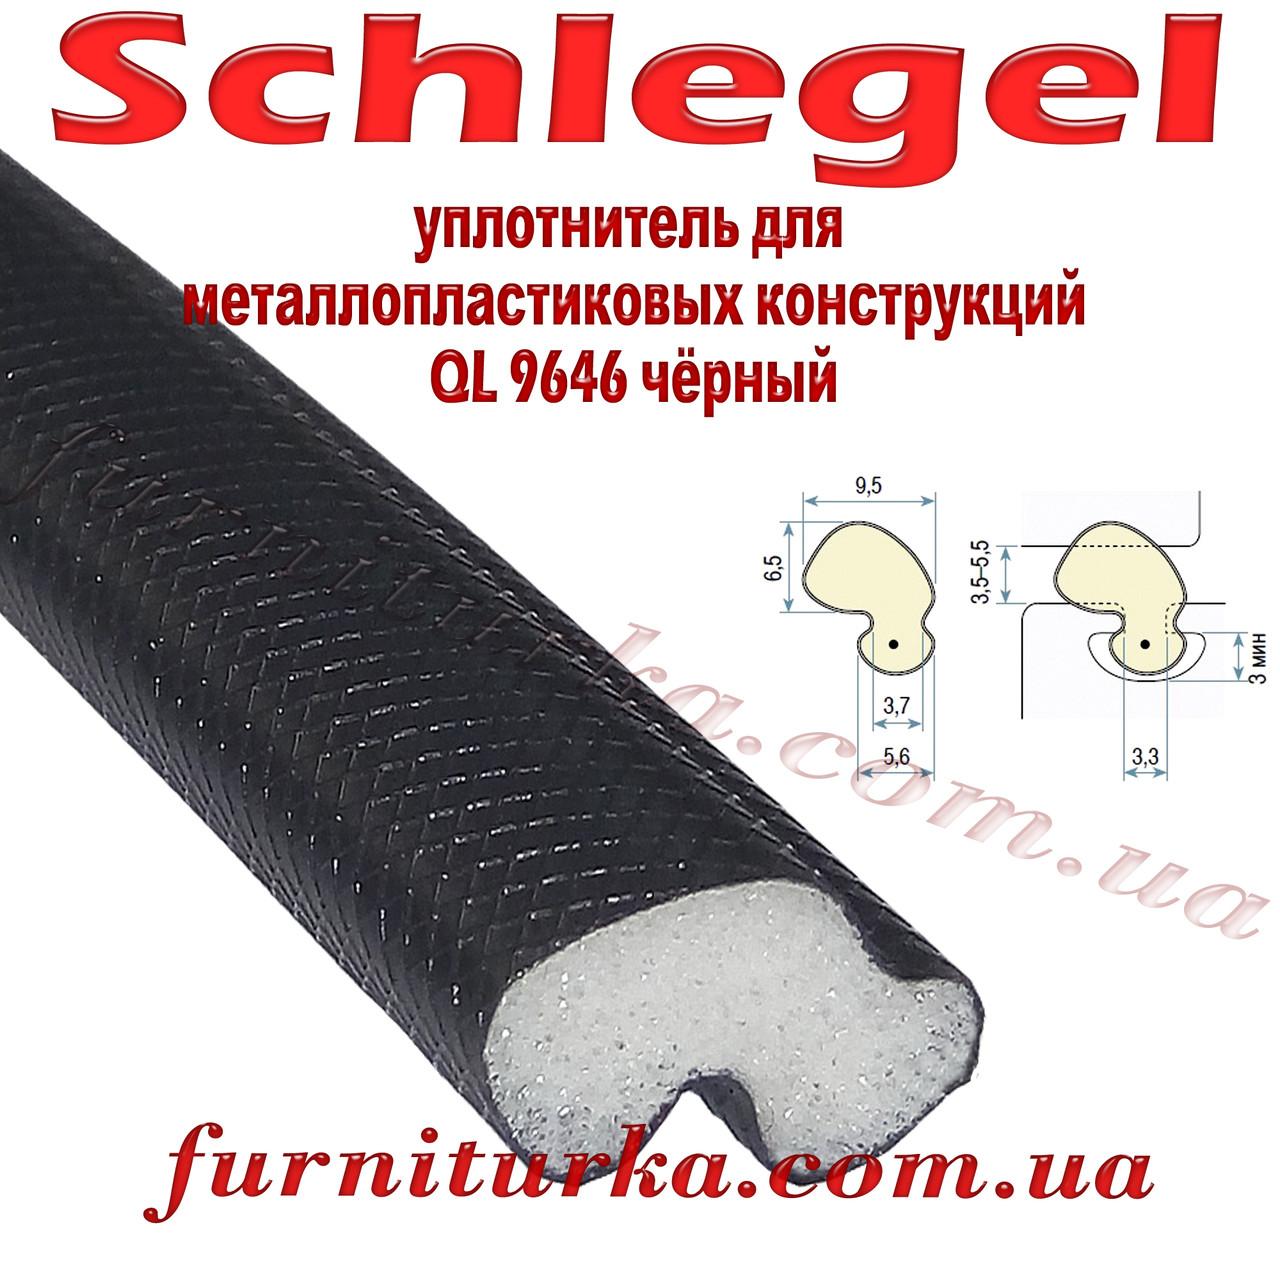 Уплотнитель для ПВХ Schlegel QL 9646 чёрный